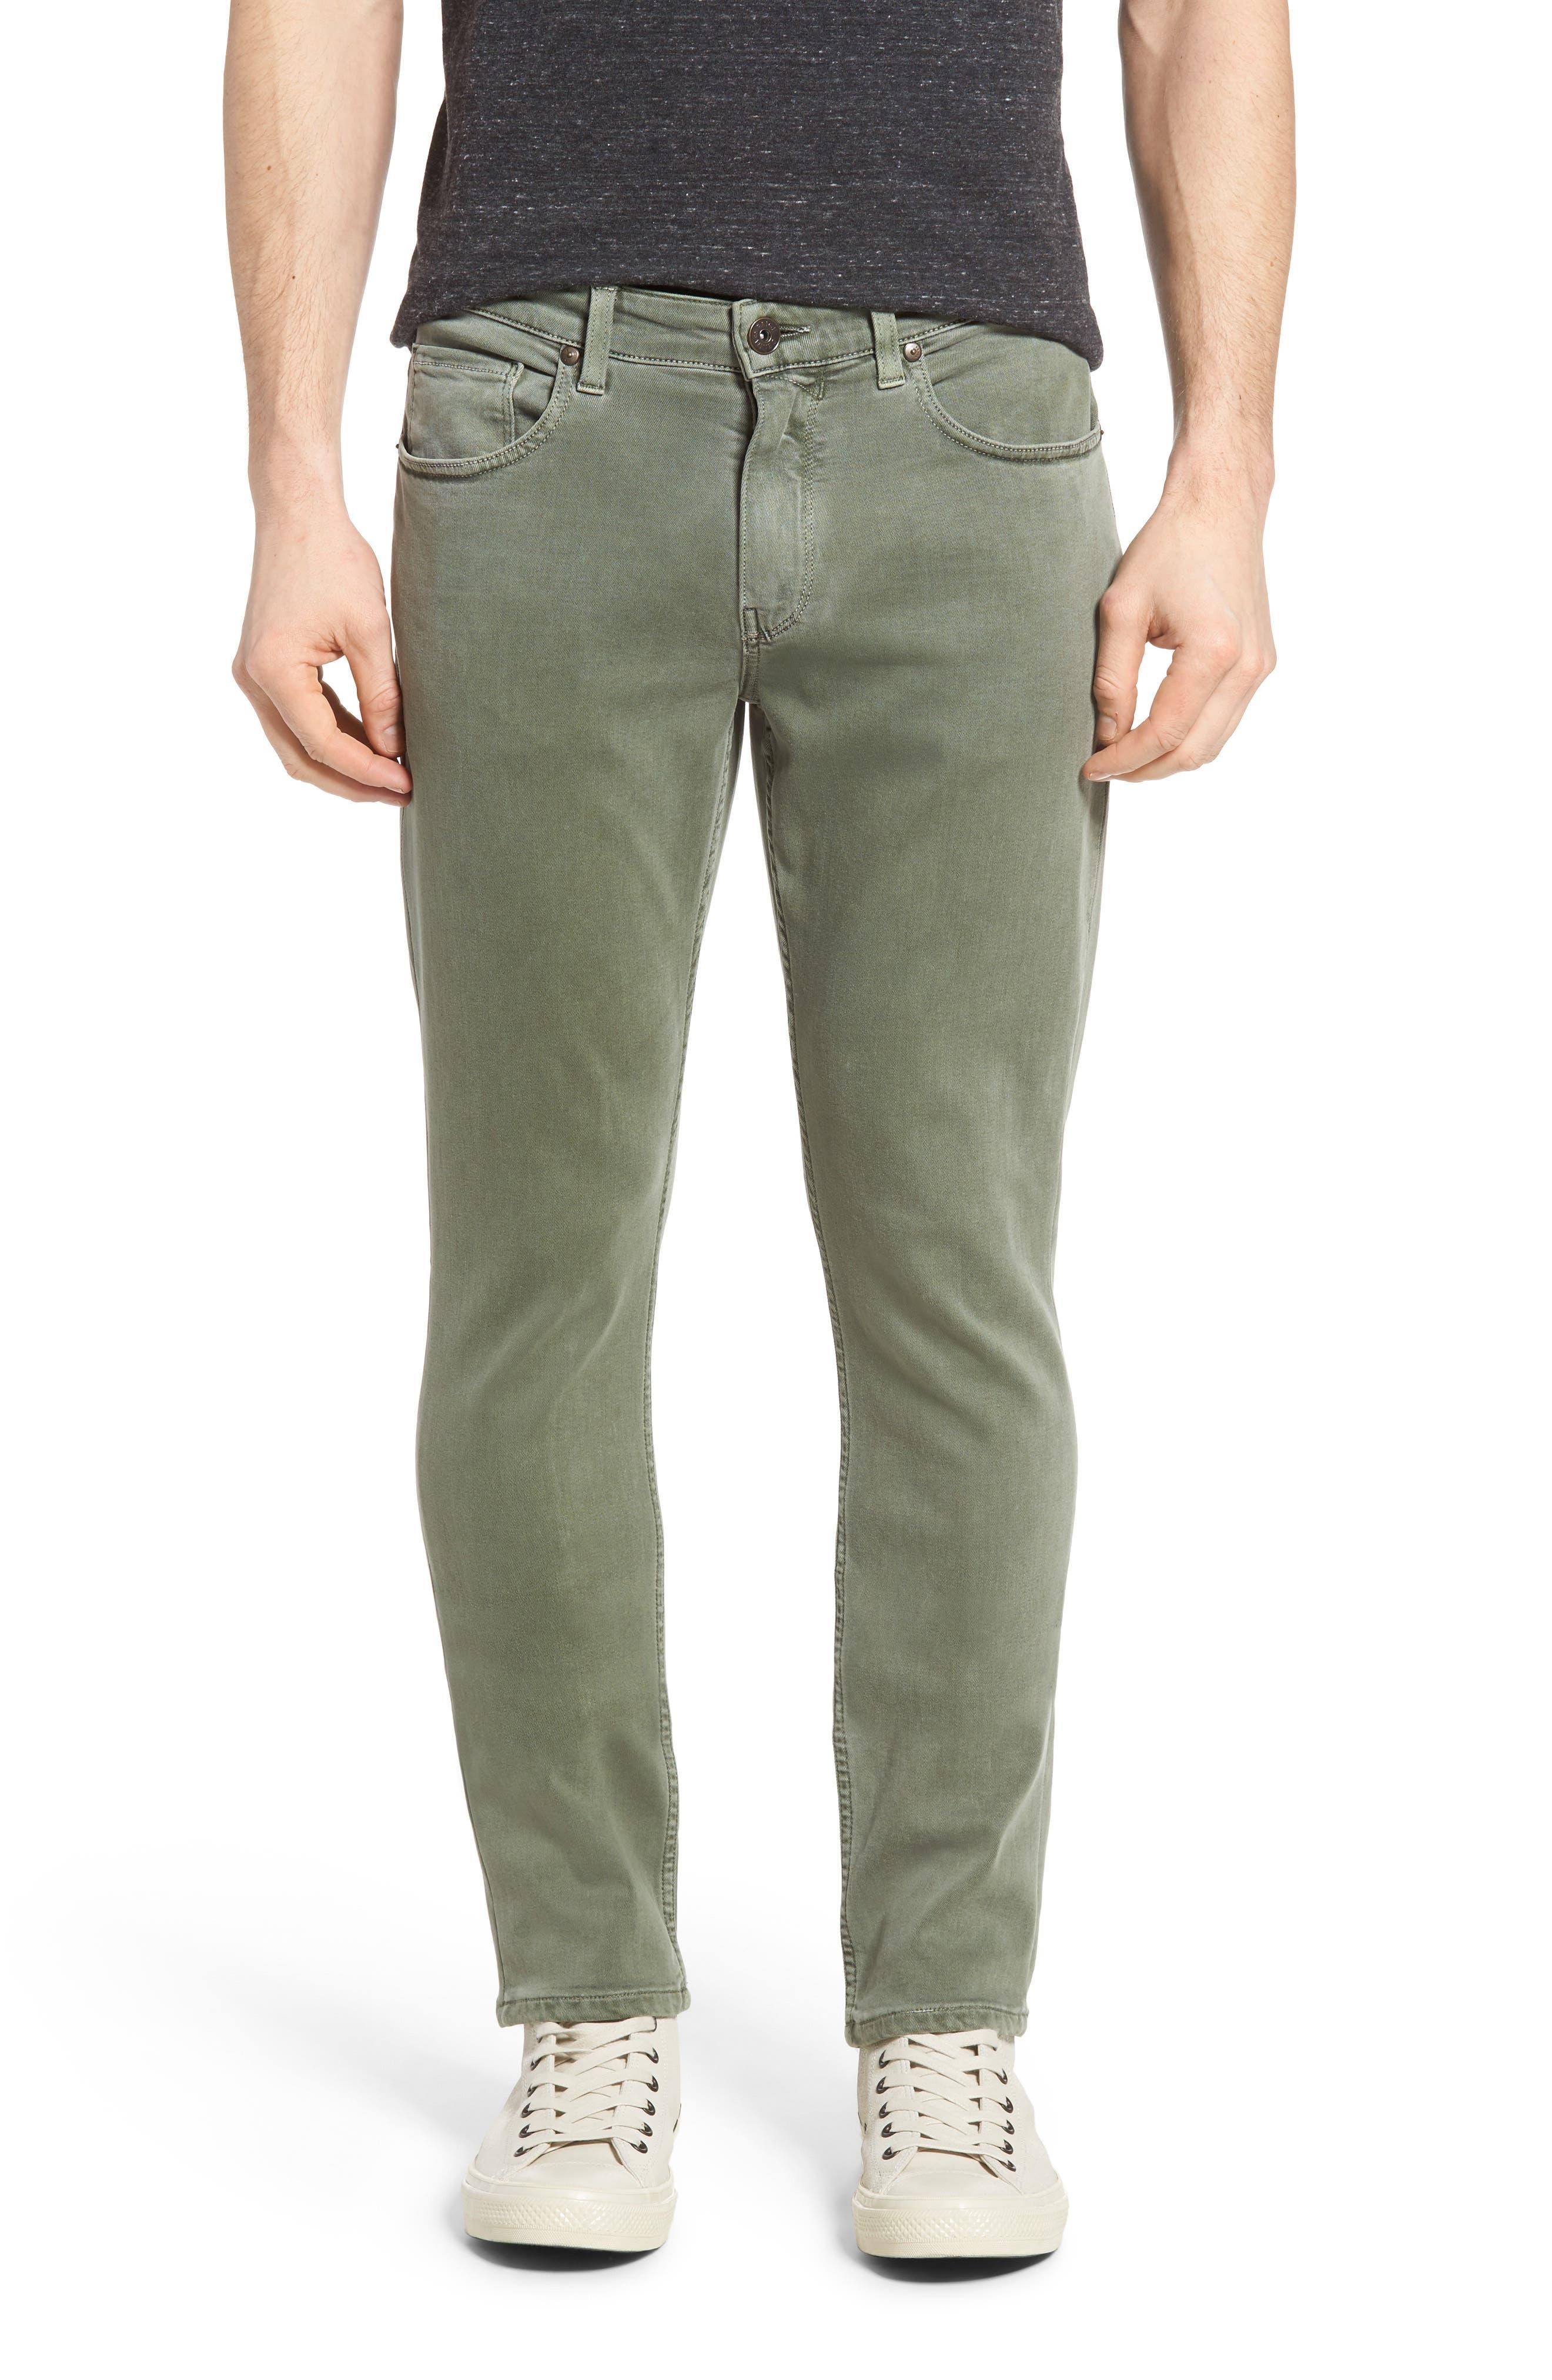 Transcend - Lennox Slim Fit Jeans,                         Main,                         color,